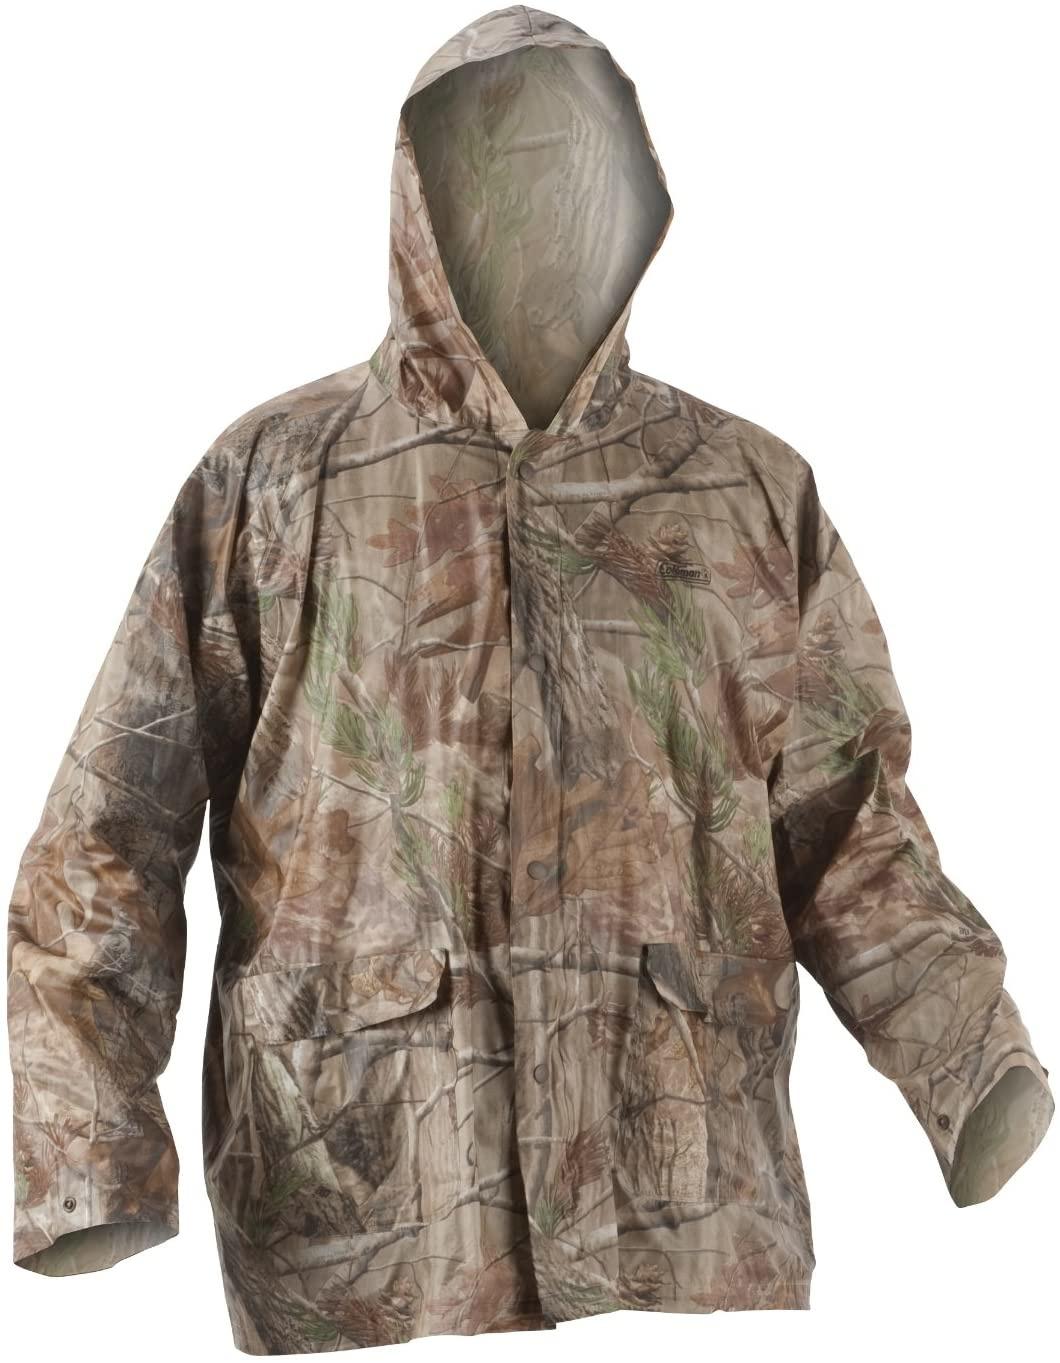 Coleman PVC Camo Rain Suit